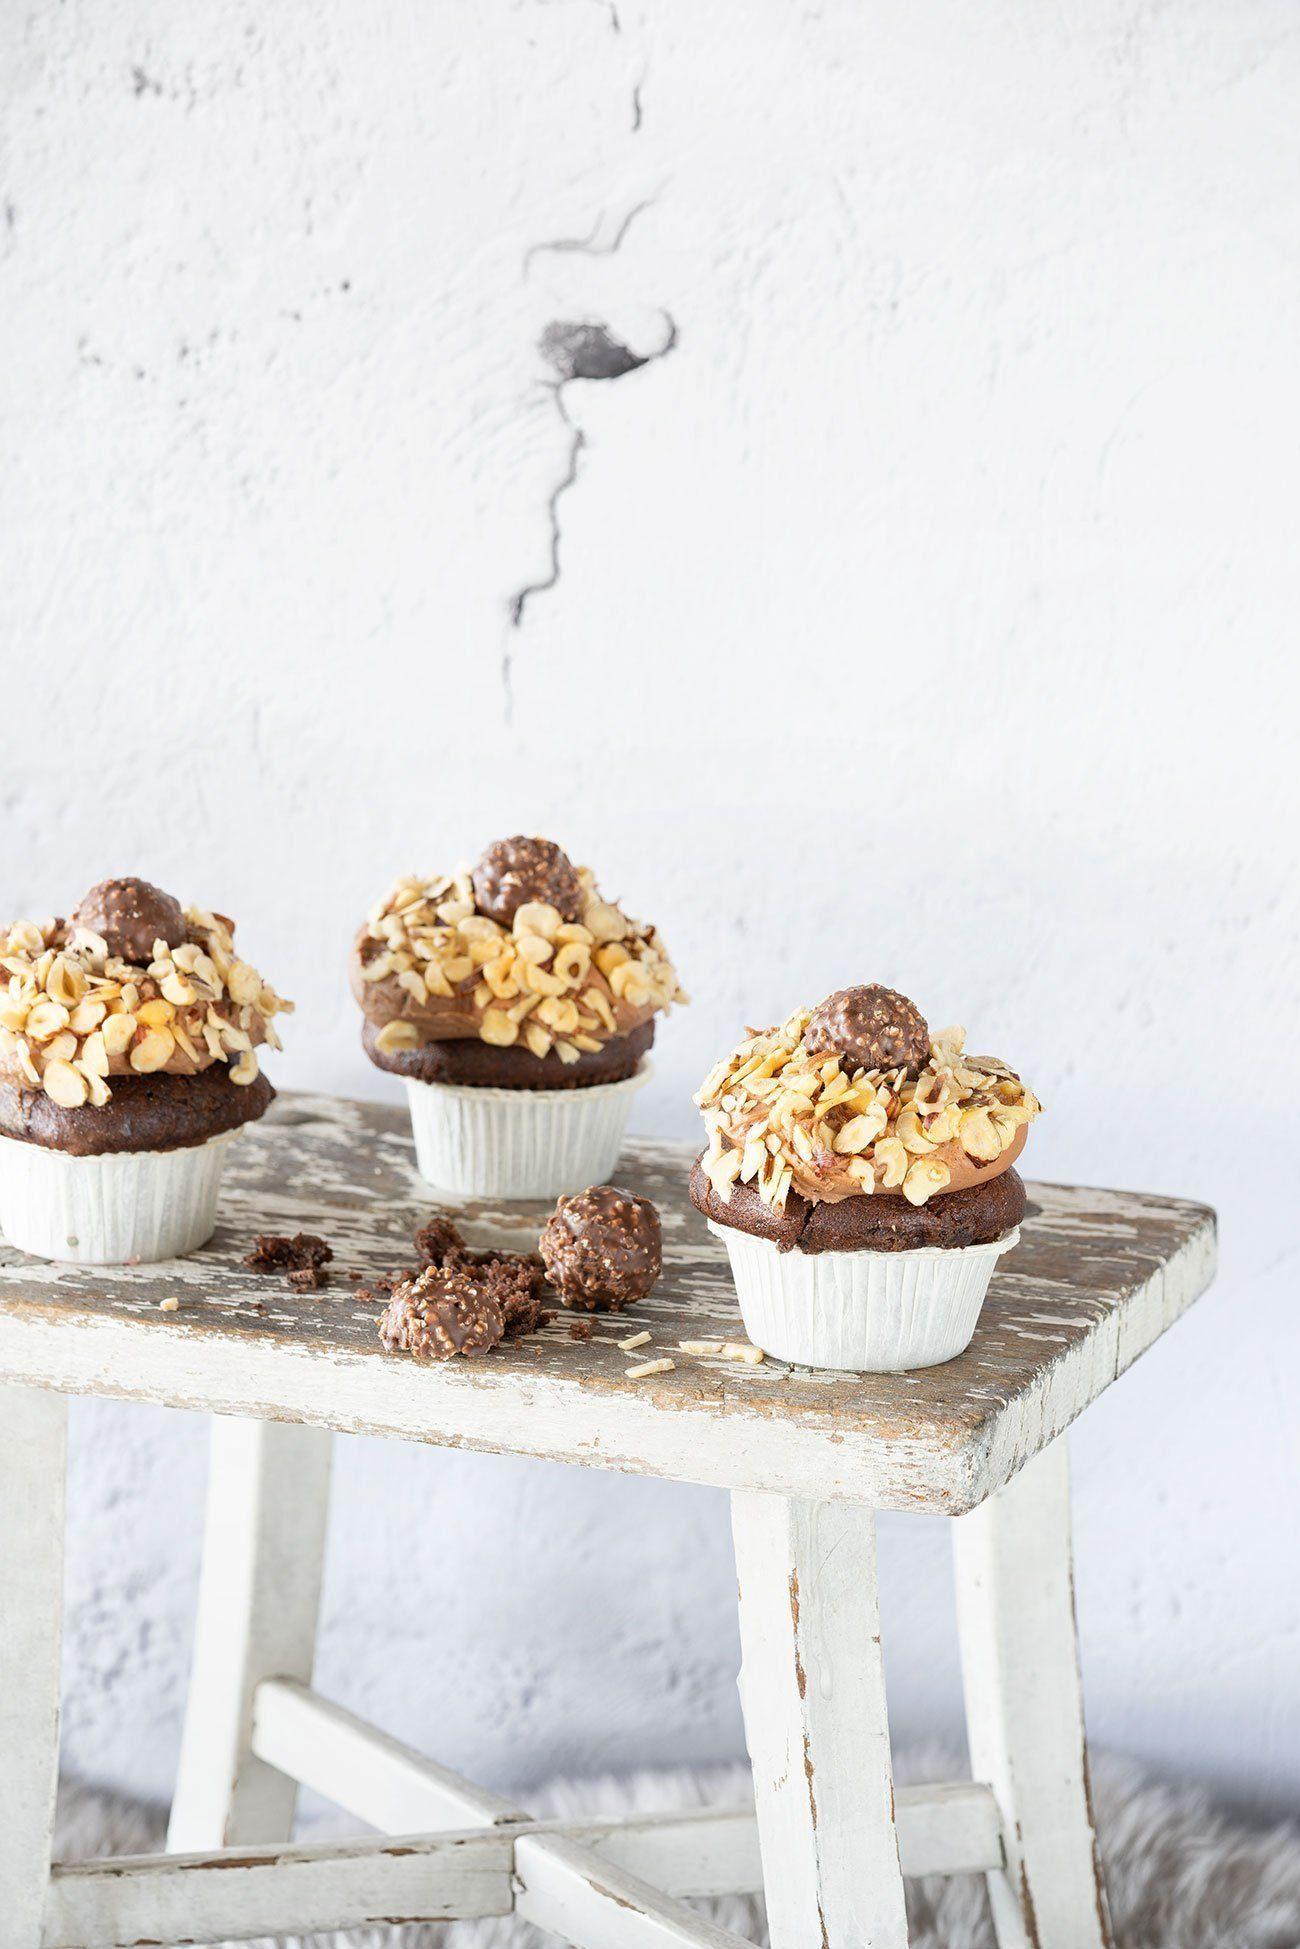 Neue Woche – neues Glück! Und das Glück kommt heute in Form von Schokoladen-Cupcakes daher. Mit Nutella Buttercreme und einer Kugel Haselnussglück.